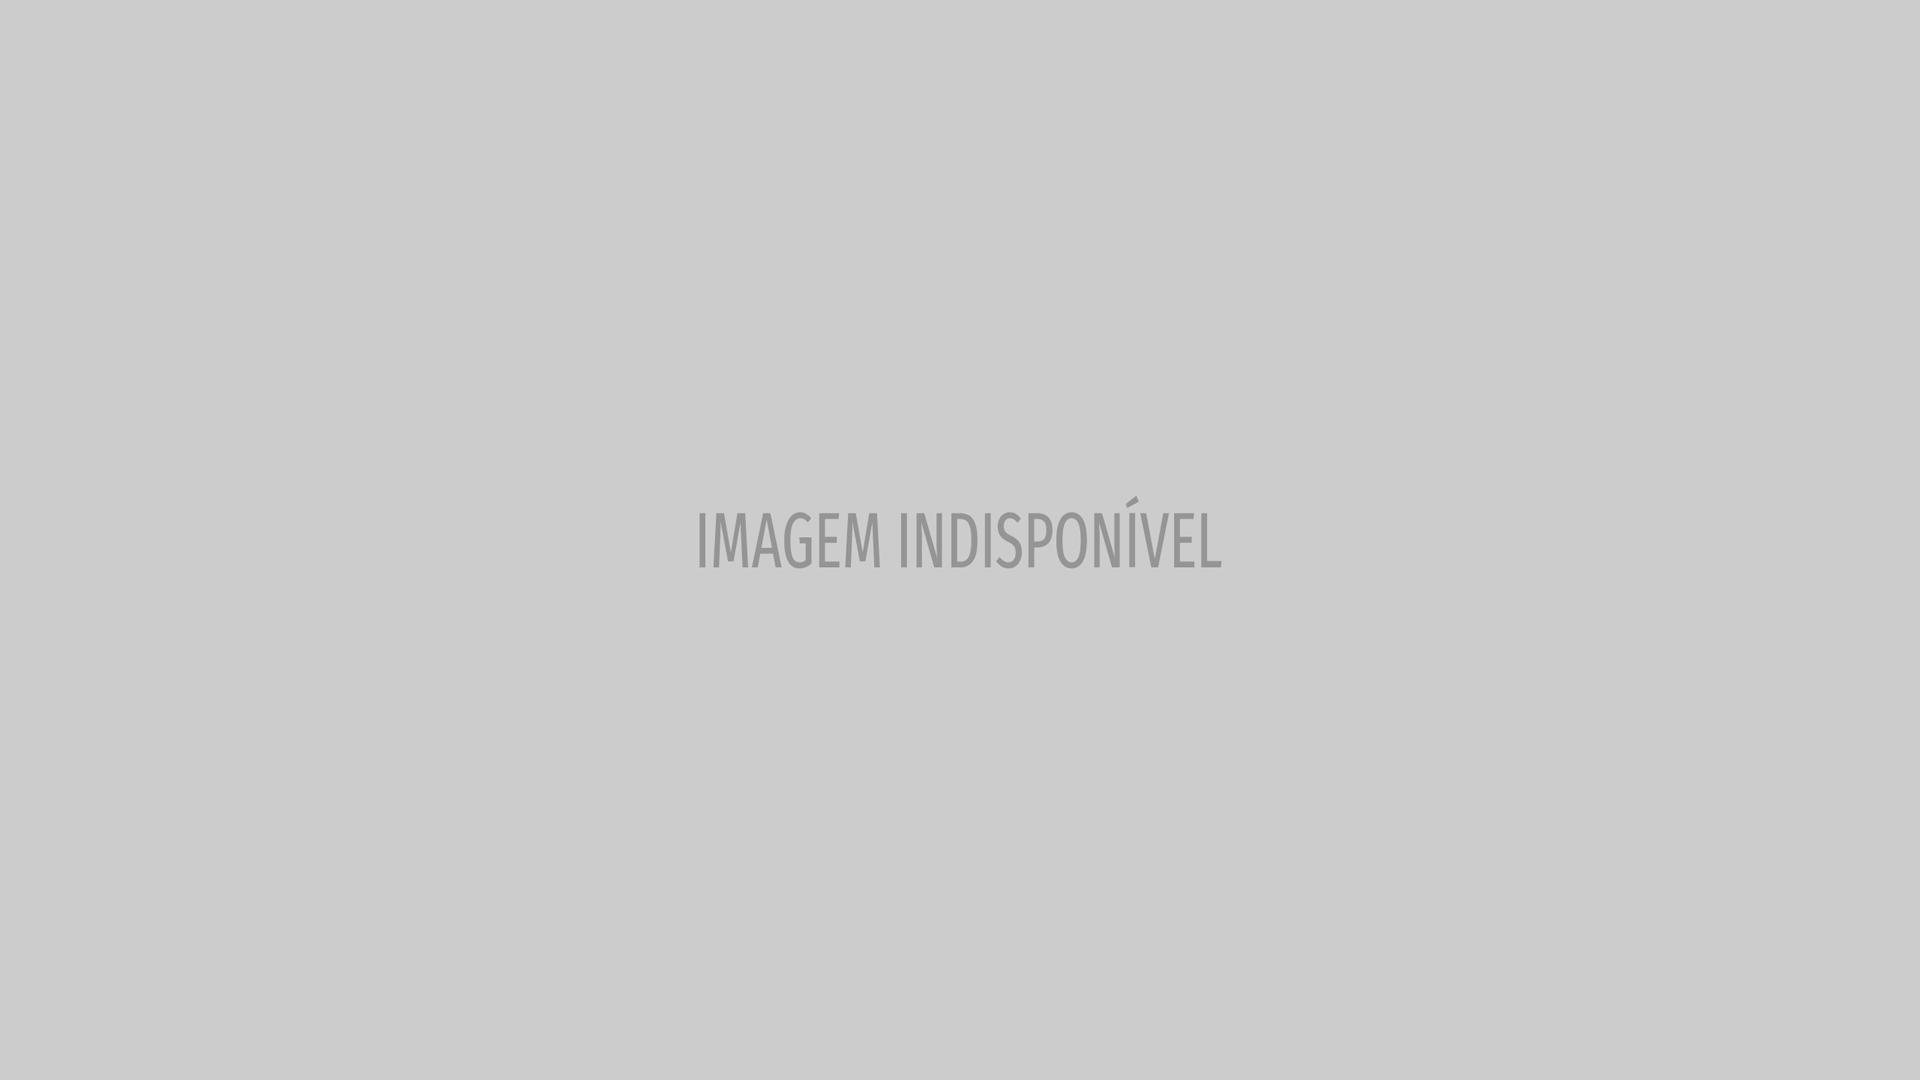 Rihanna critica reação de Trump aos atentados sofridos pelos EUA